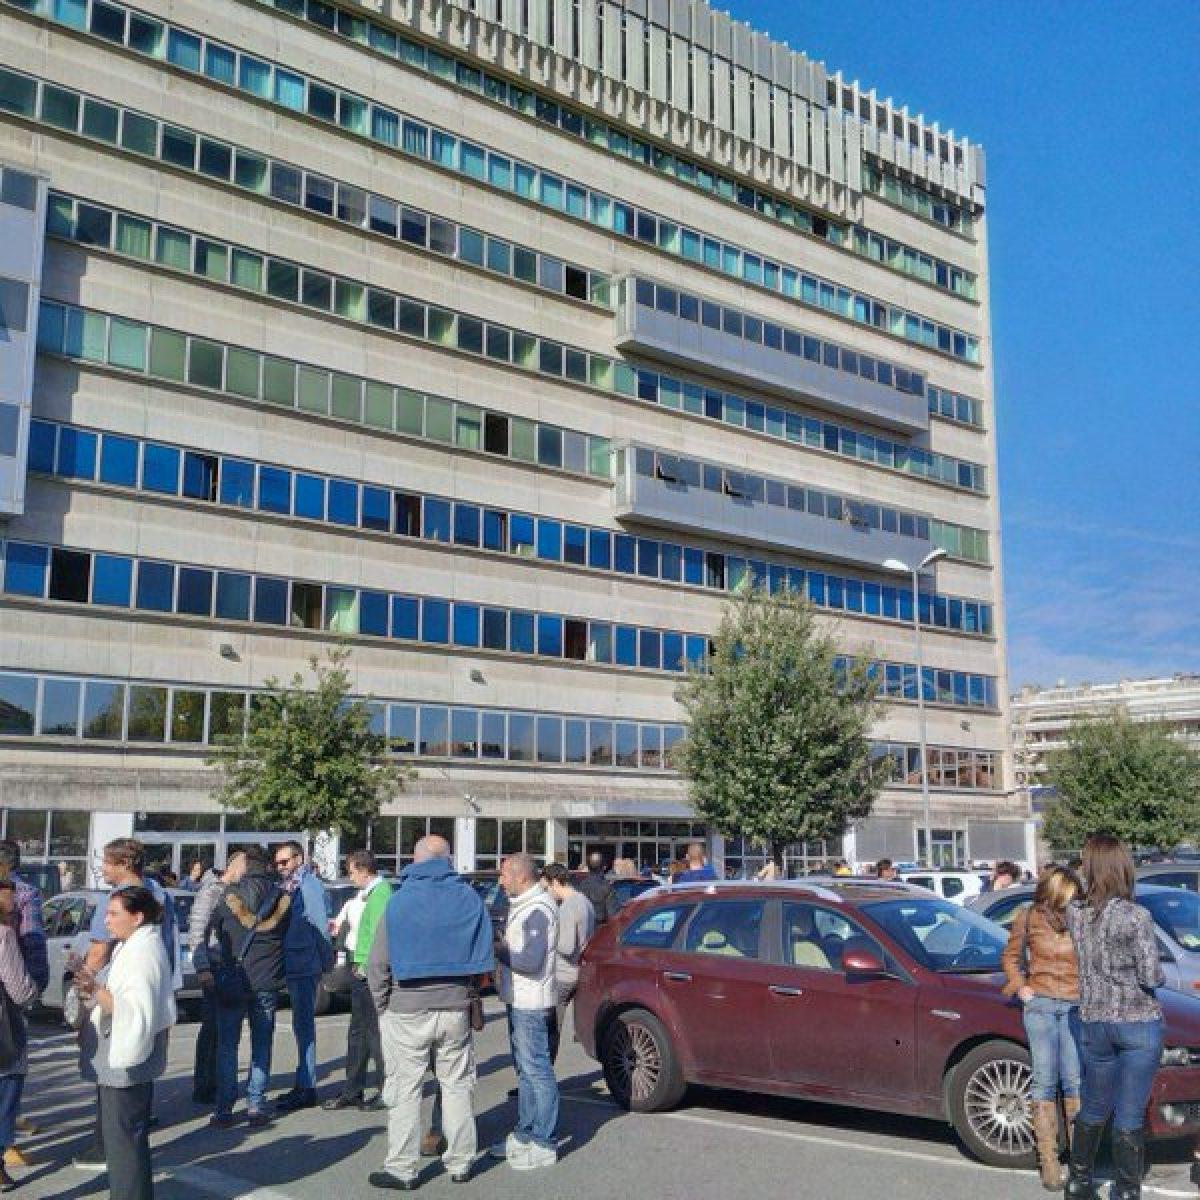 Via Ostiense 131.Allarme Bomba Negli Uffici Della Prefettura In Via Ostiense